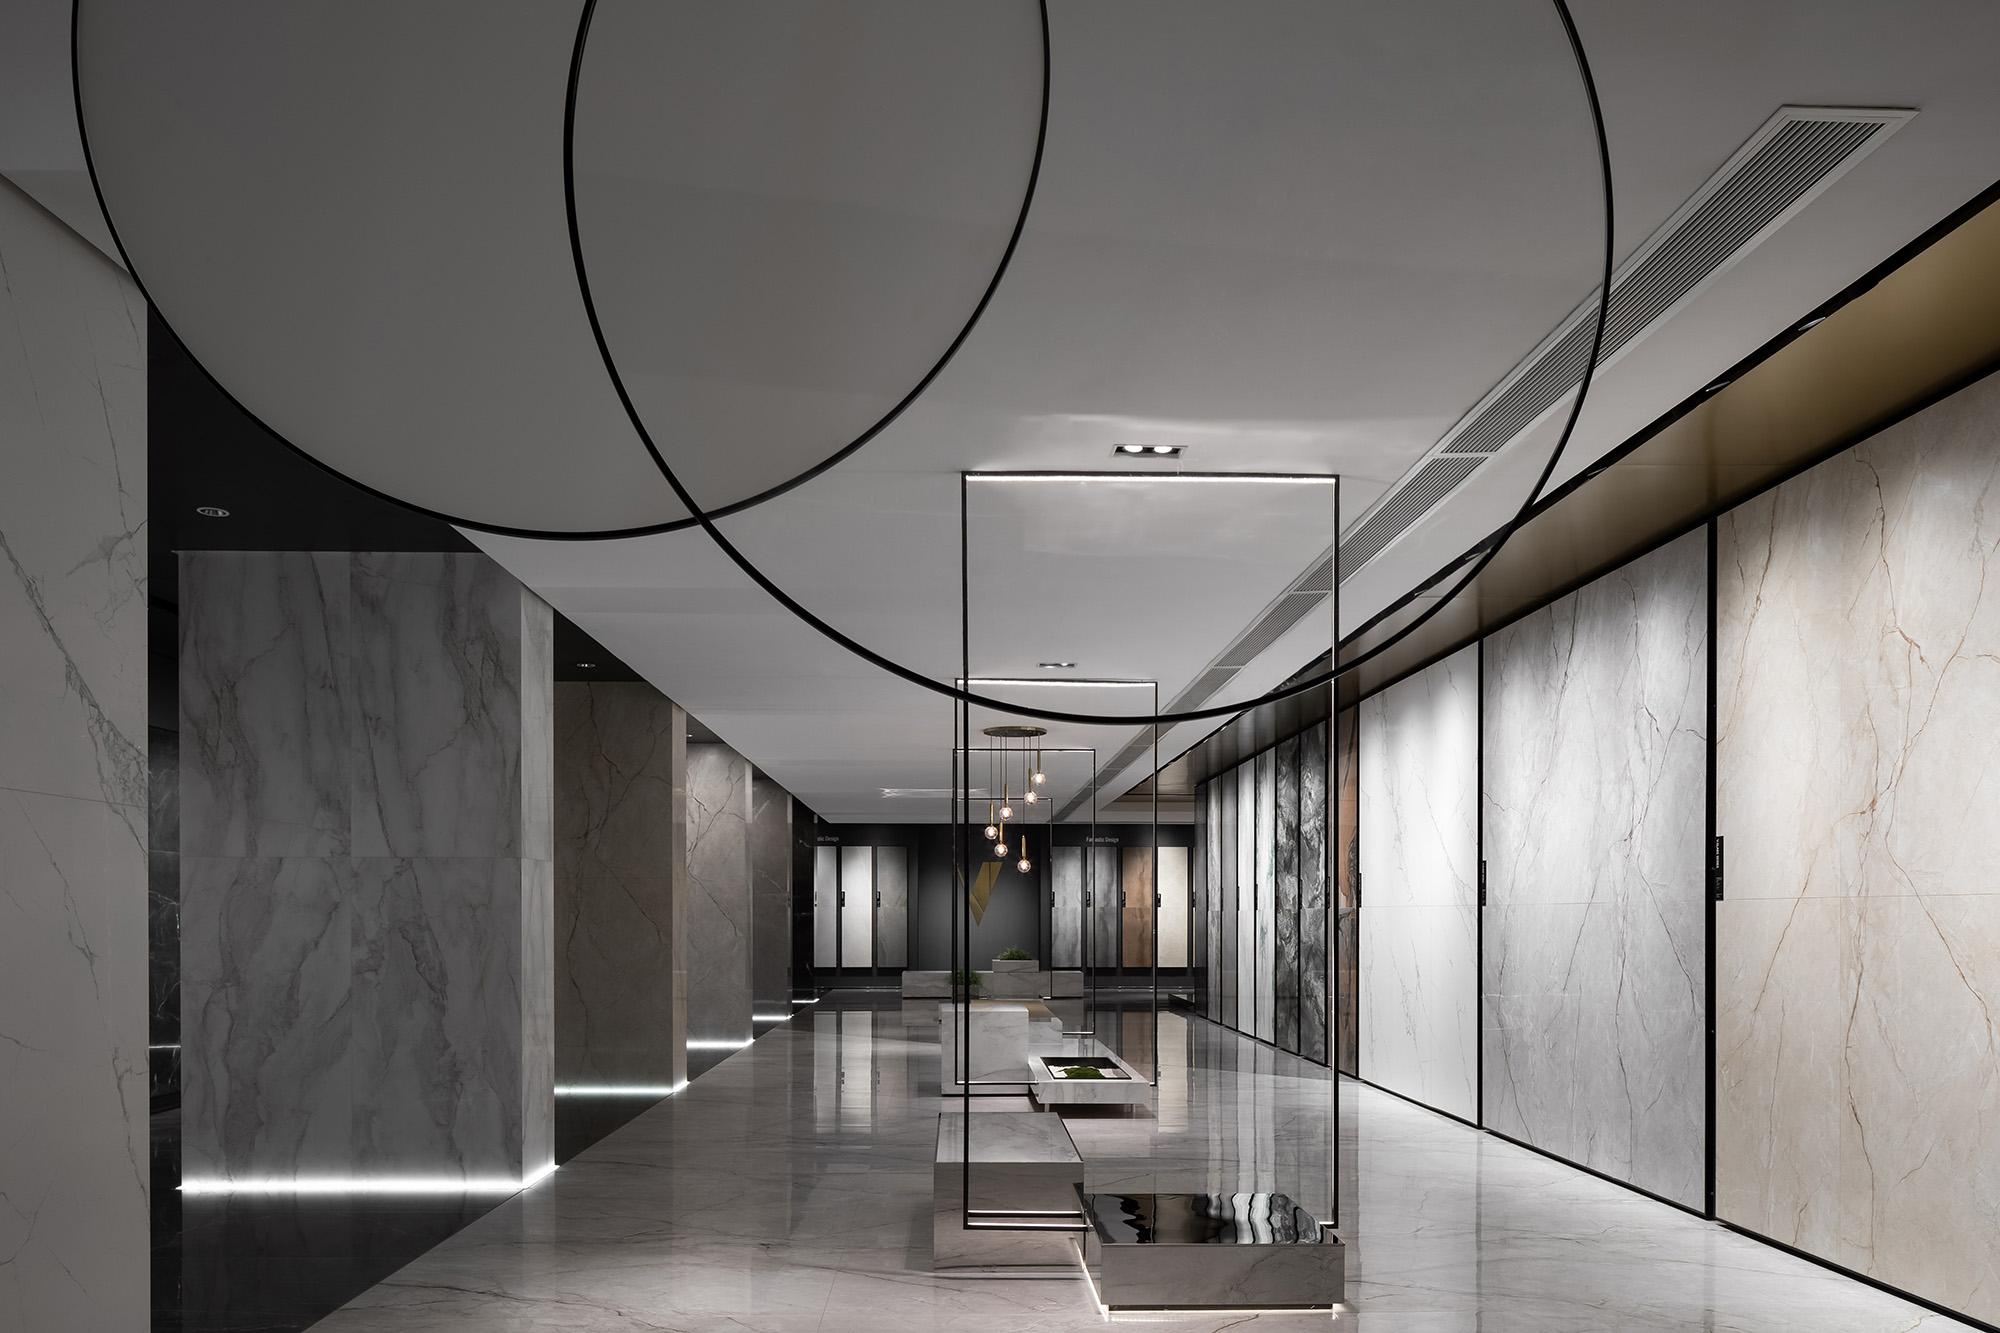 VIRG casa总部展厅:让意式美学在东方情境中自然流淌